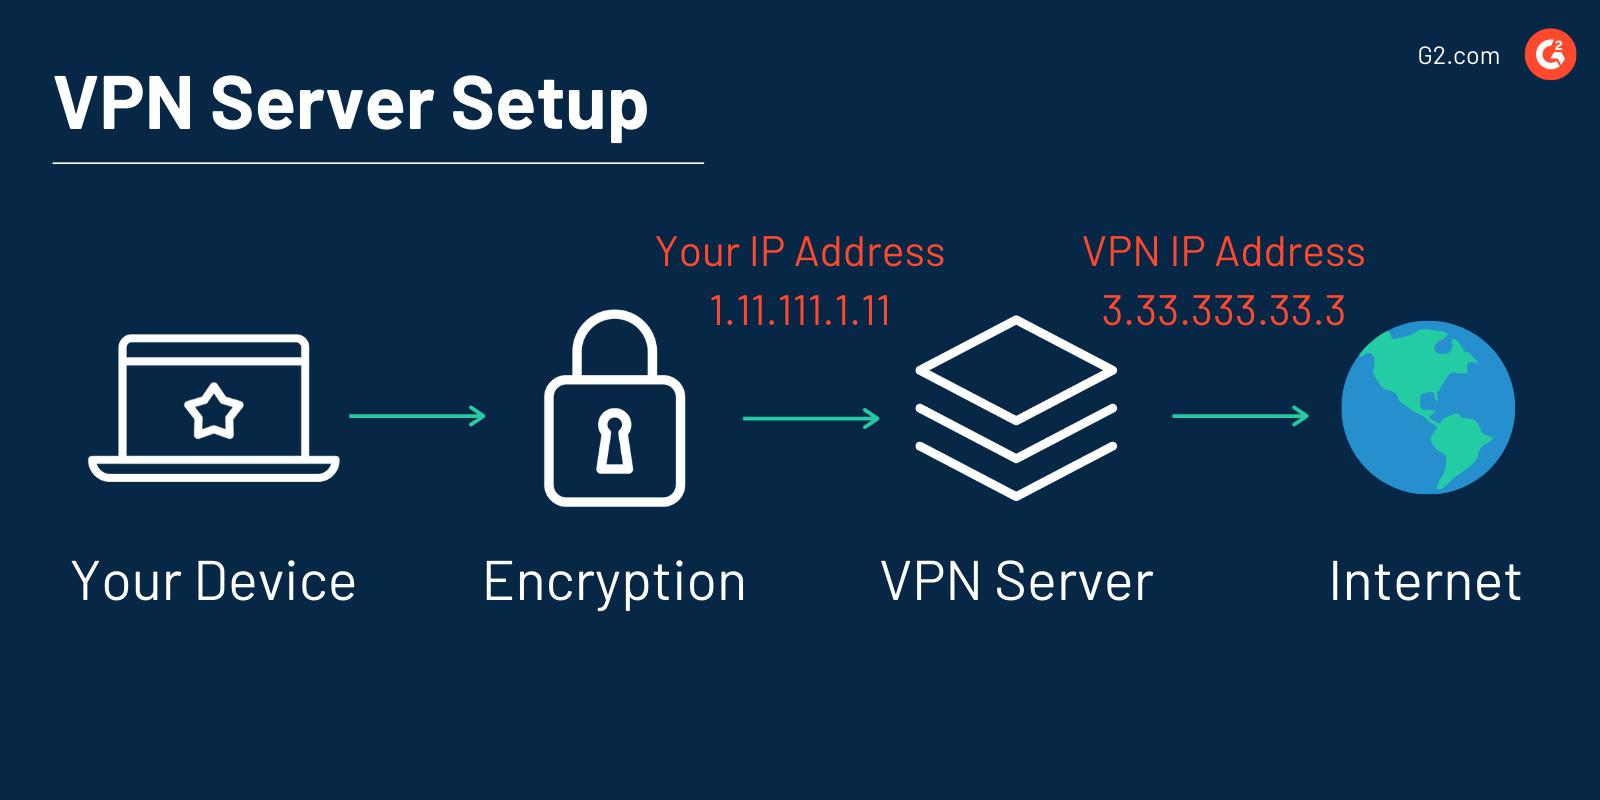 VPN server setup